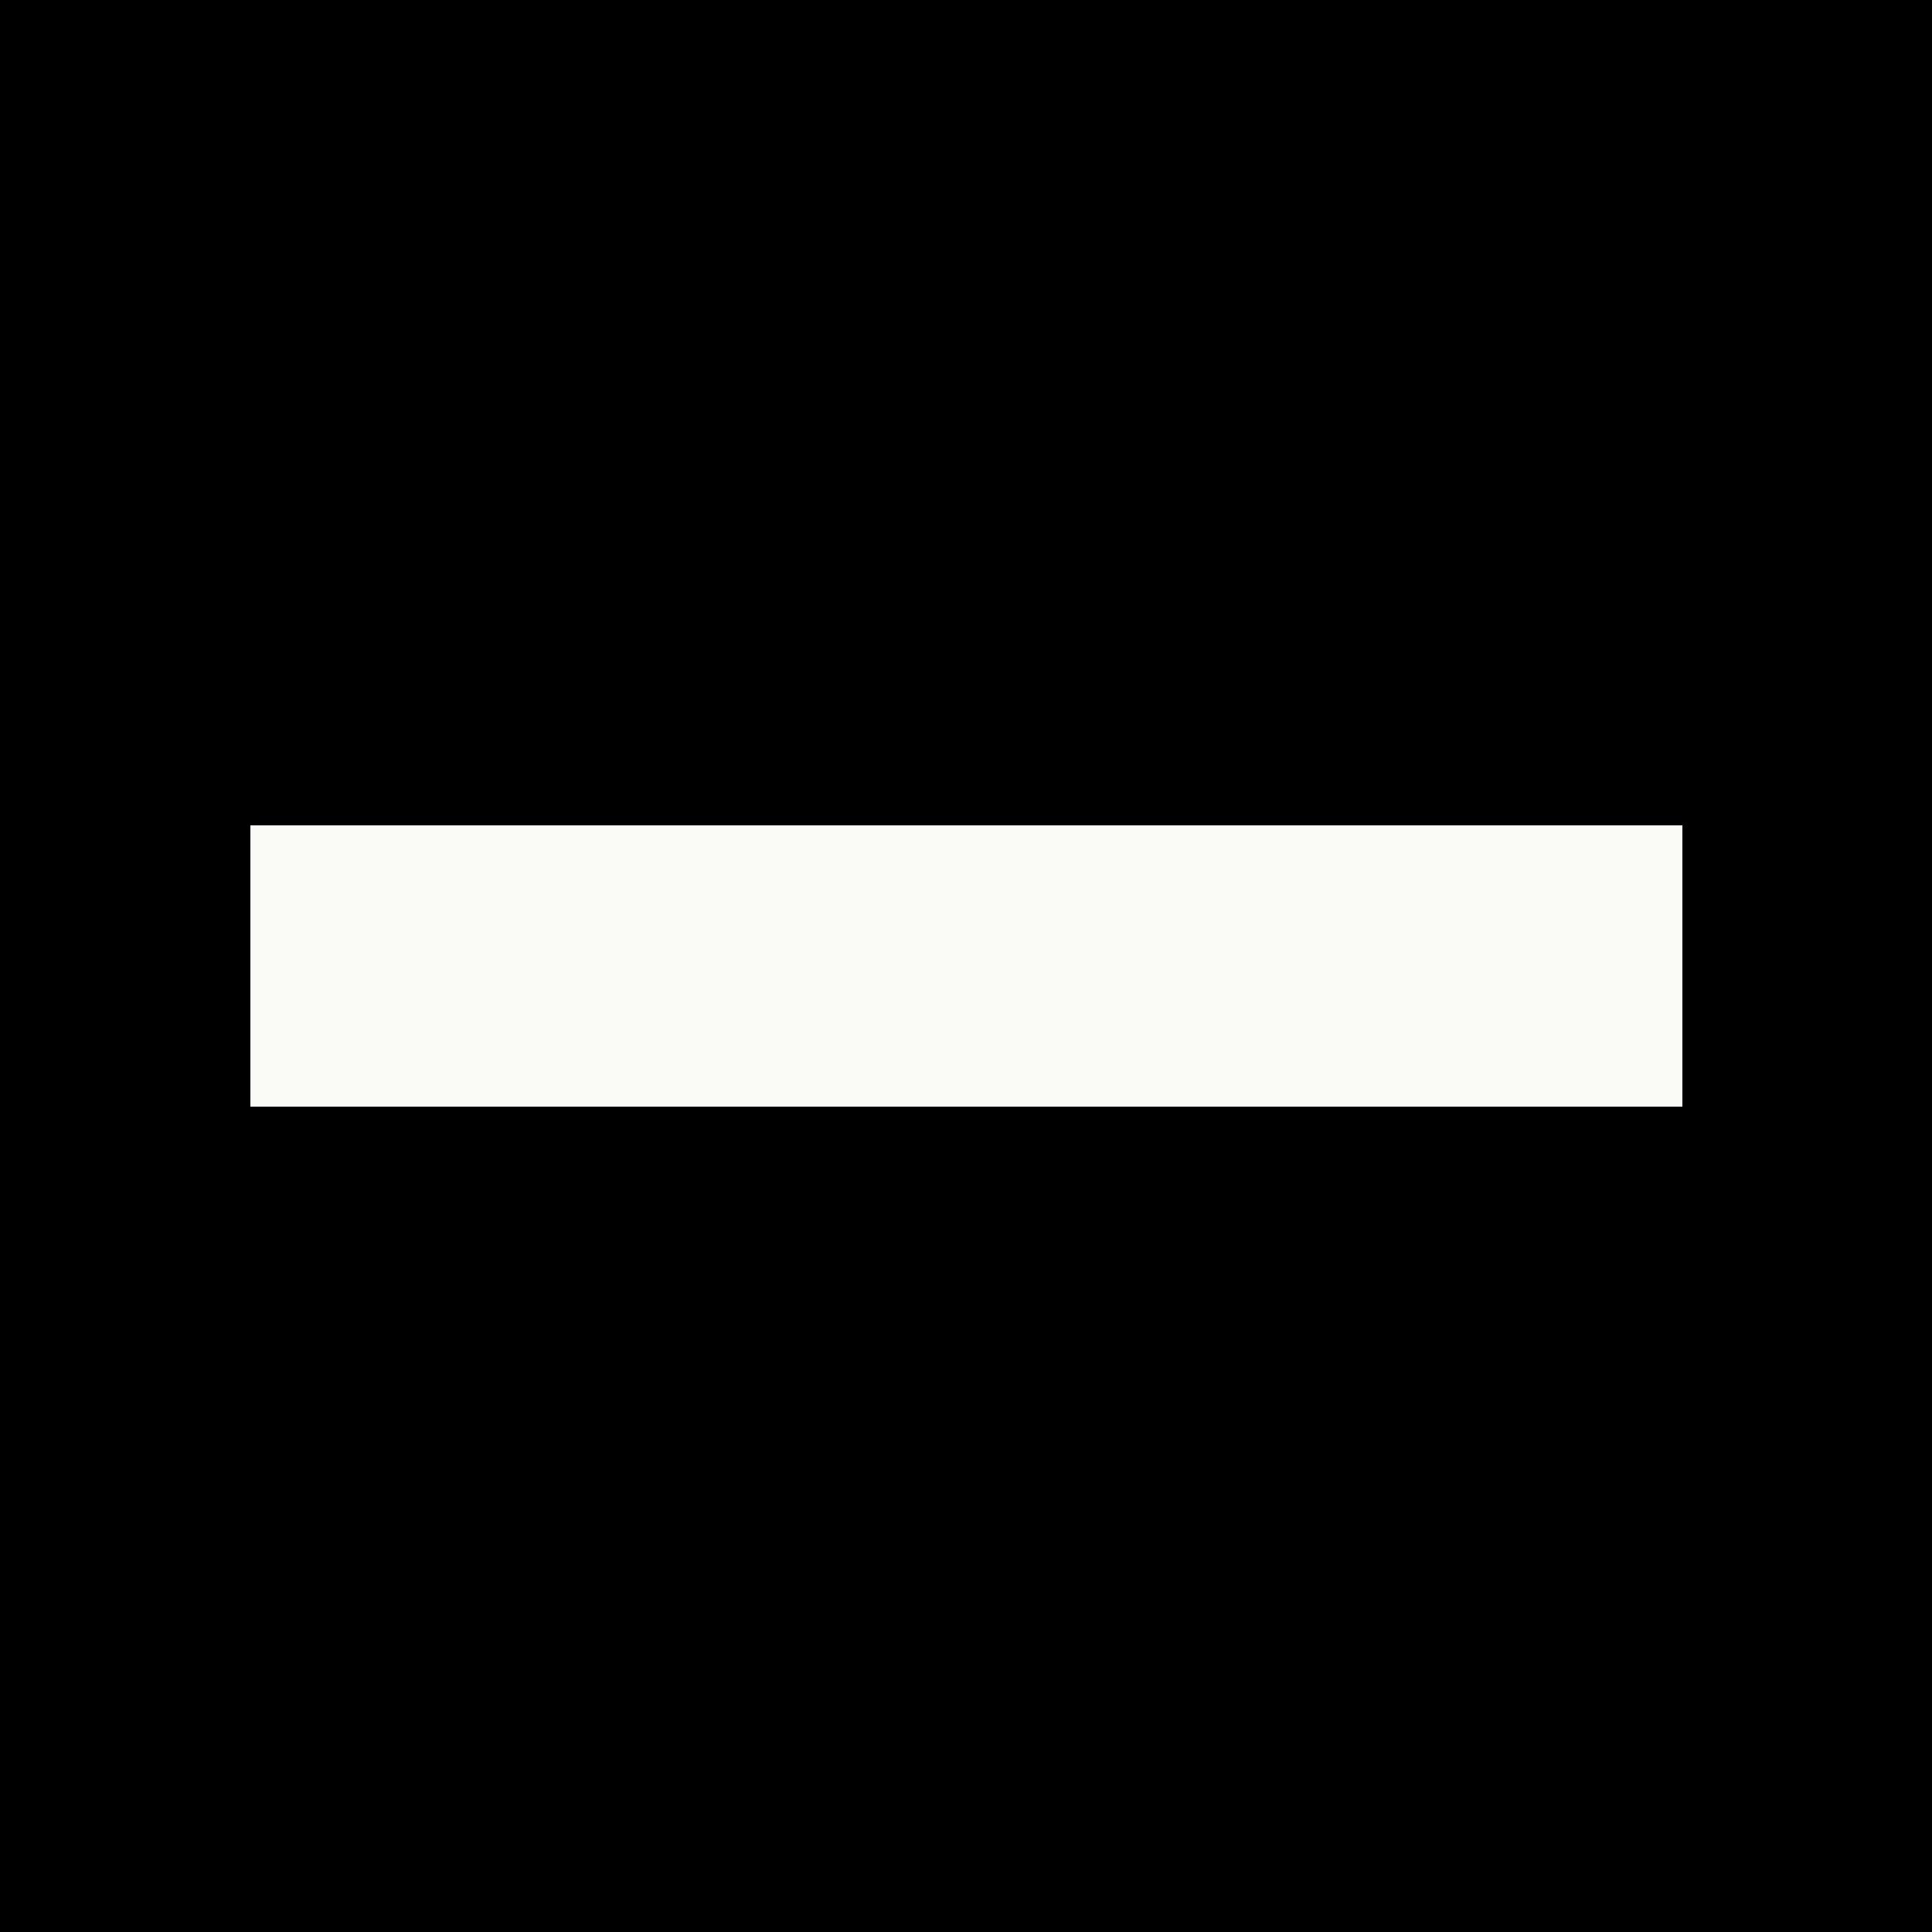 Mutazione logo